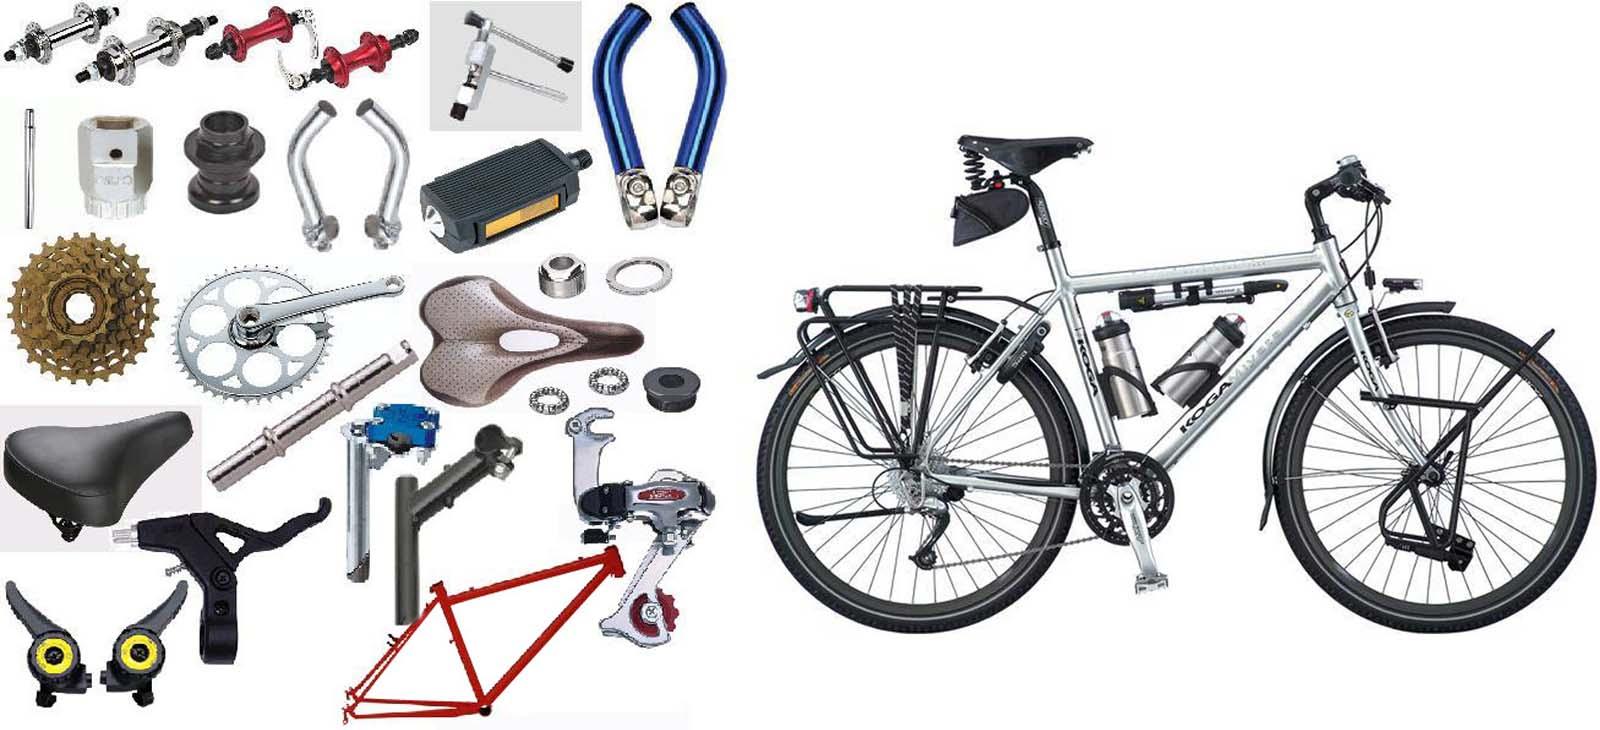 اجزا دوچرخه